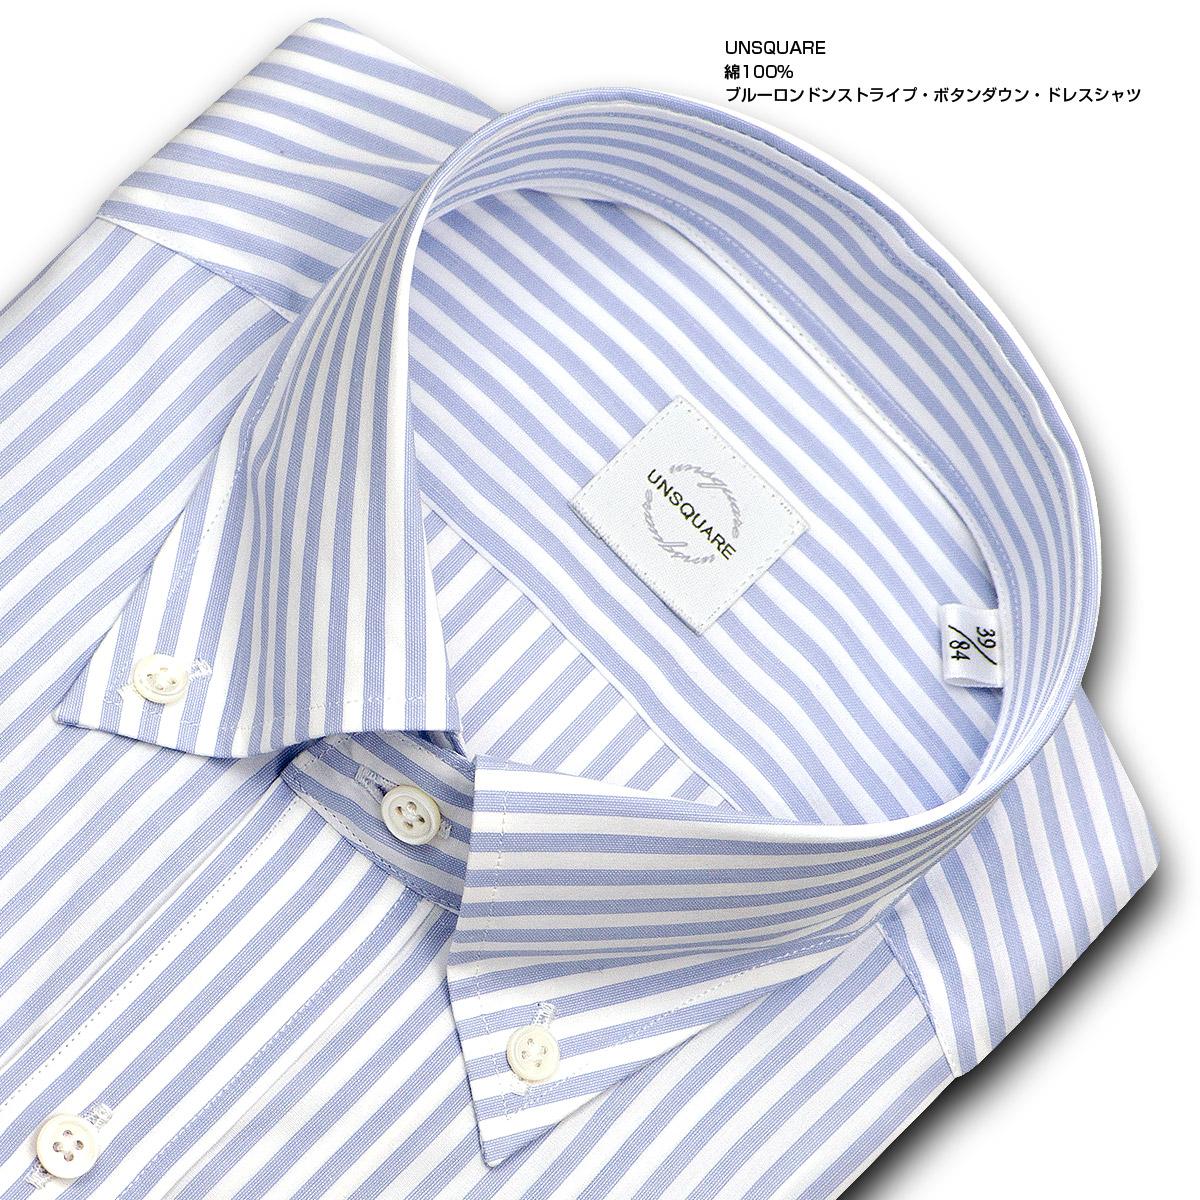 UNSQUARE 長袖 ワイシャツ メンズ 春夏秋 標準体 ブルー ロンドンストライプ ボタンダウンシャツ   綿:100% ブルー 高級 上質 (zqd311-450)